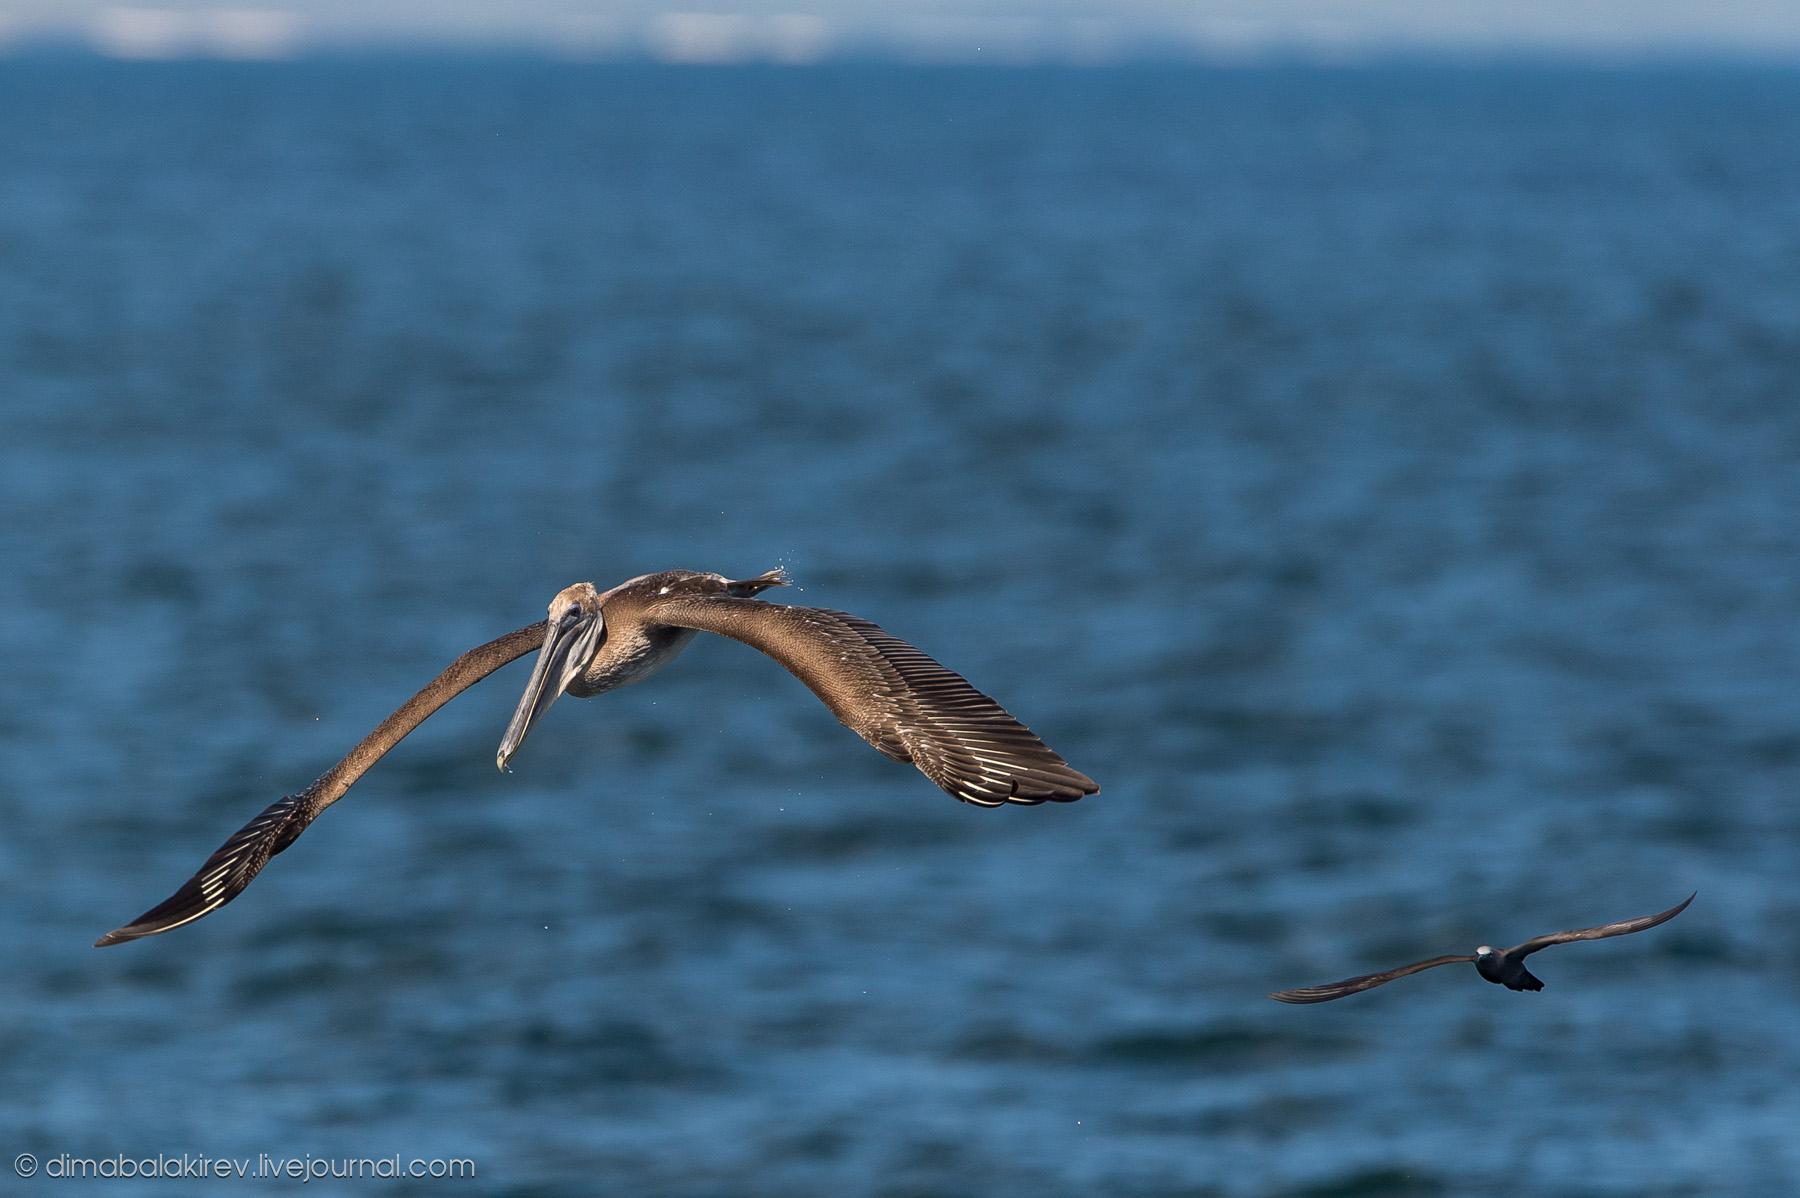 Как ловят рыбу пеликаны